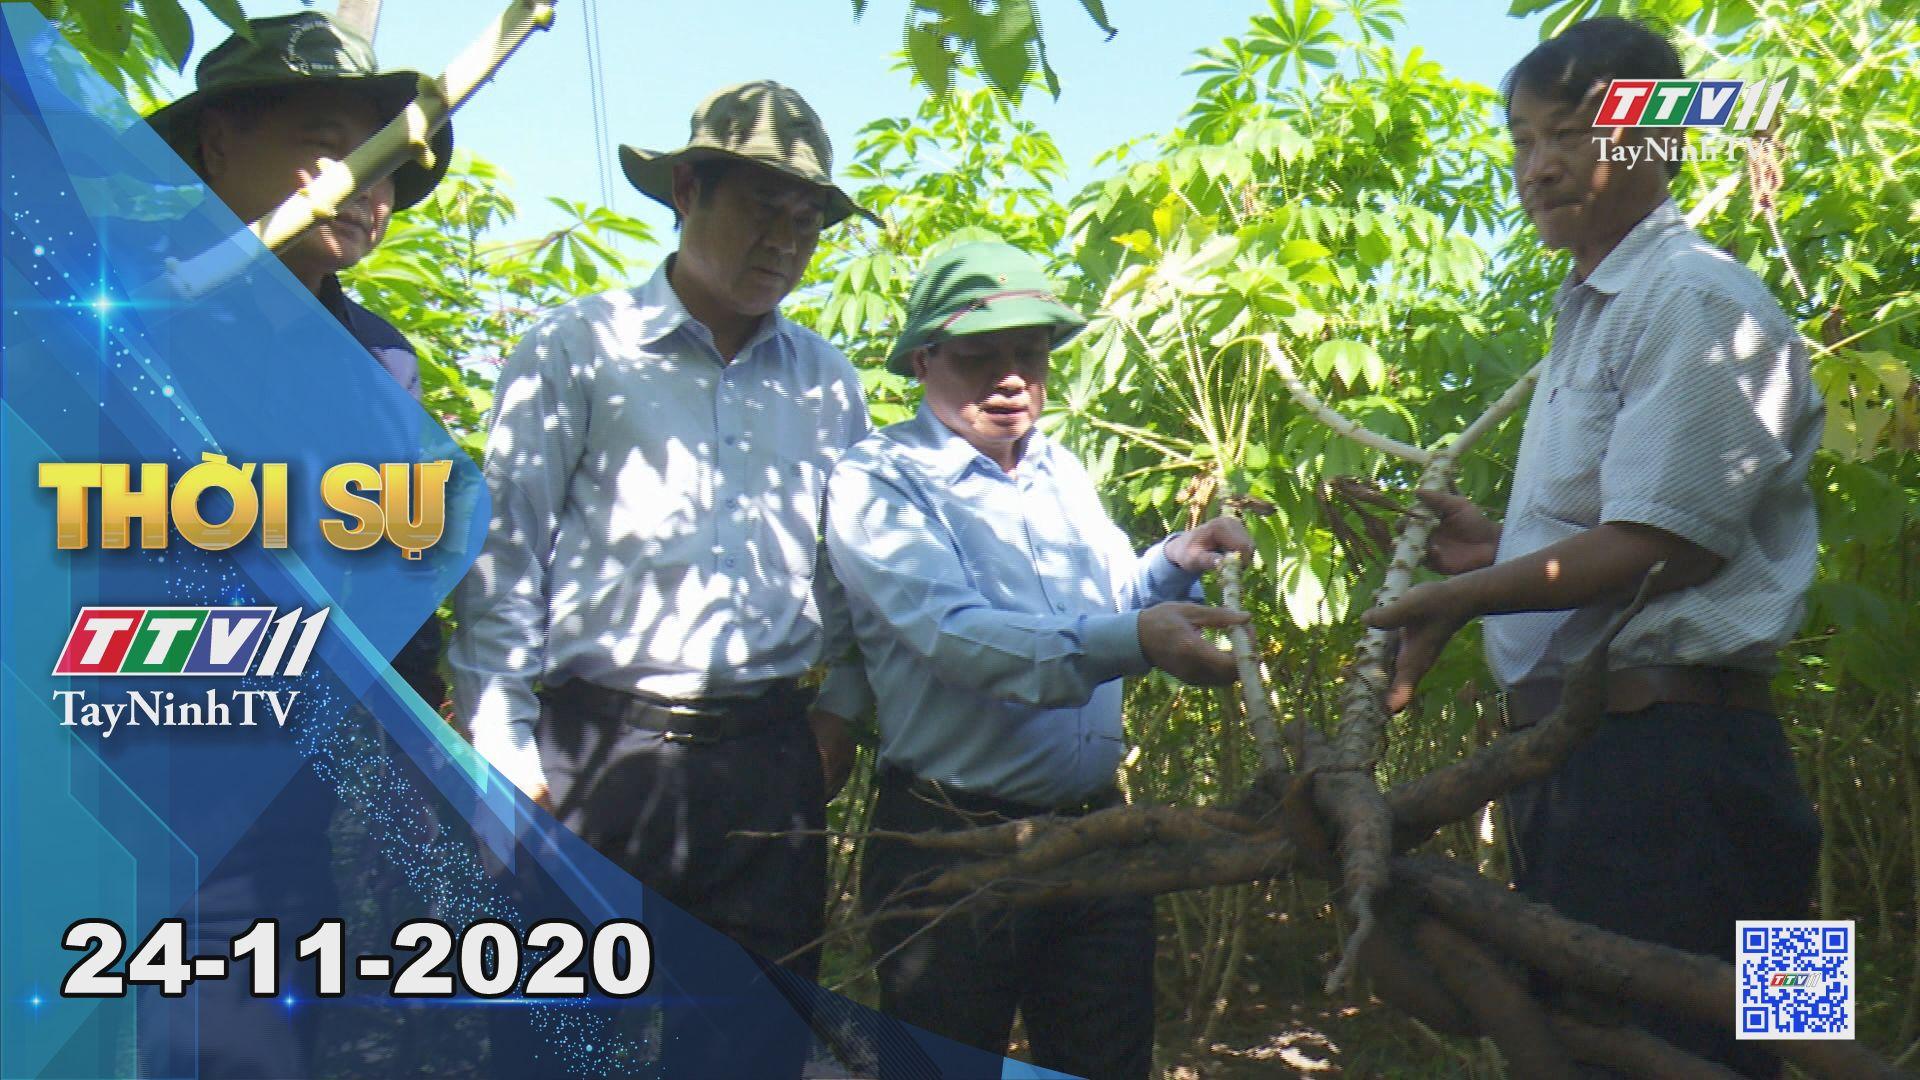 Thời sự Tây Ninh 24-11-2020 | Tin tức hôm nay | TayNinhTV